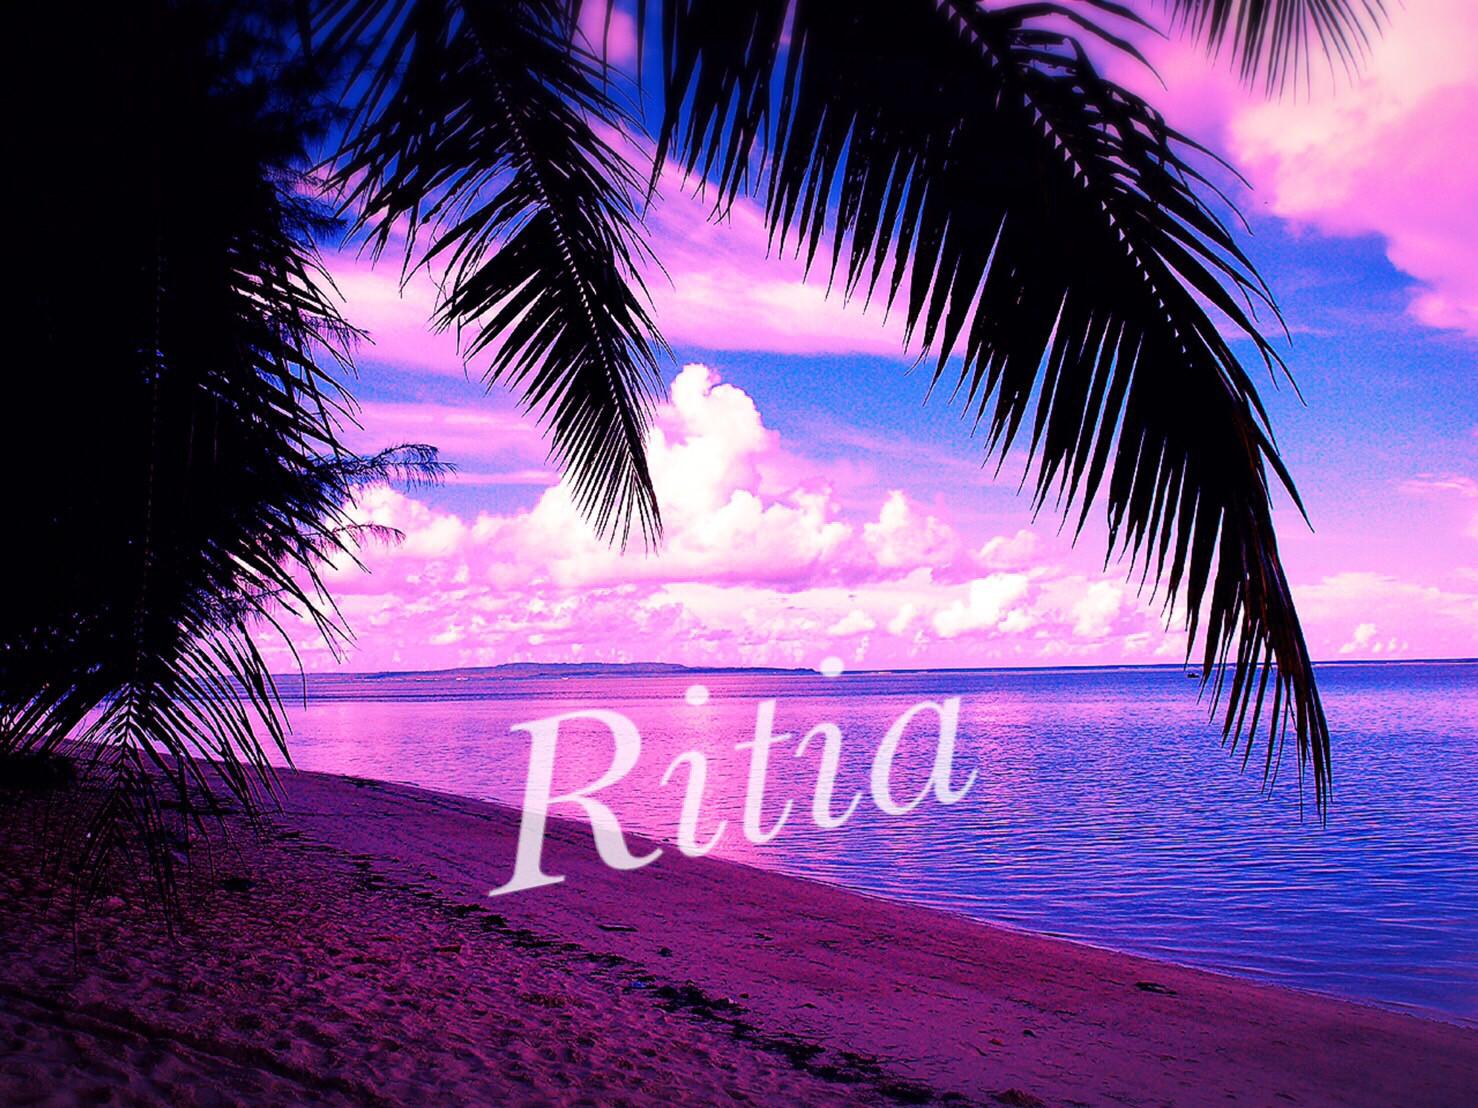 ritia